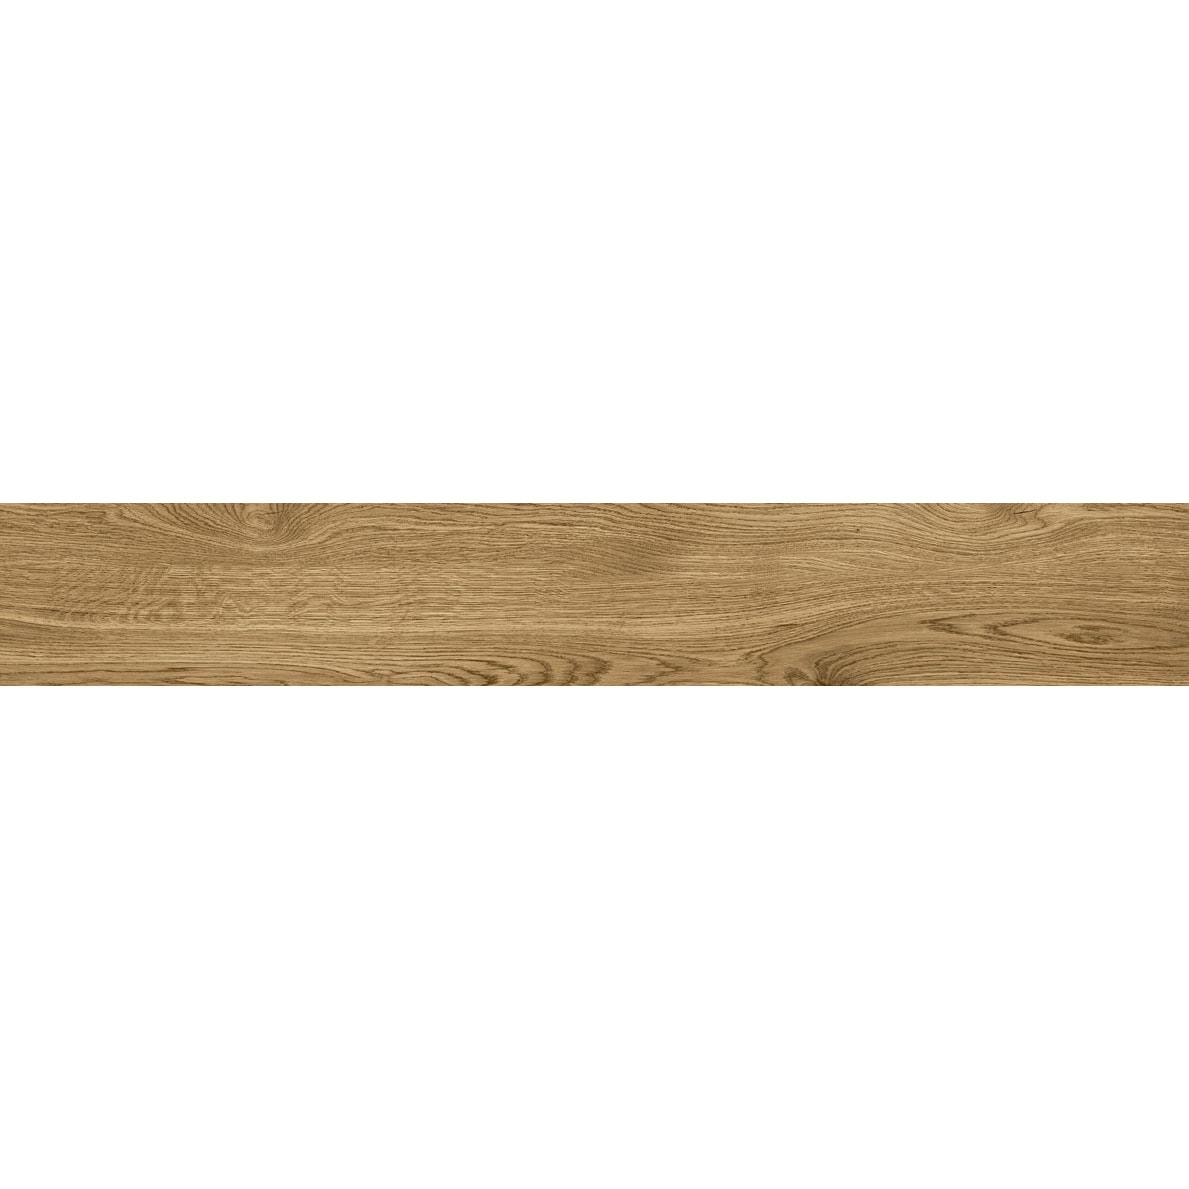 Płytka podłogowa deskopodobna Tubądzin Wood Pile natural STR 149,8x23 cm